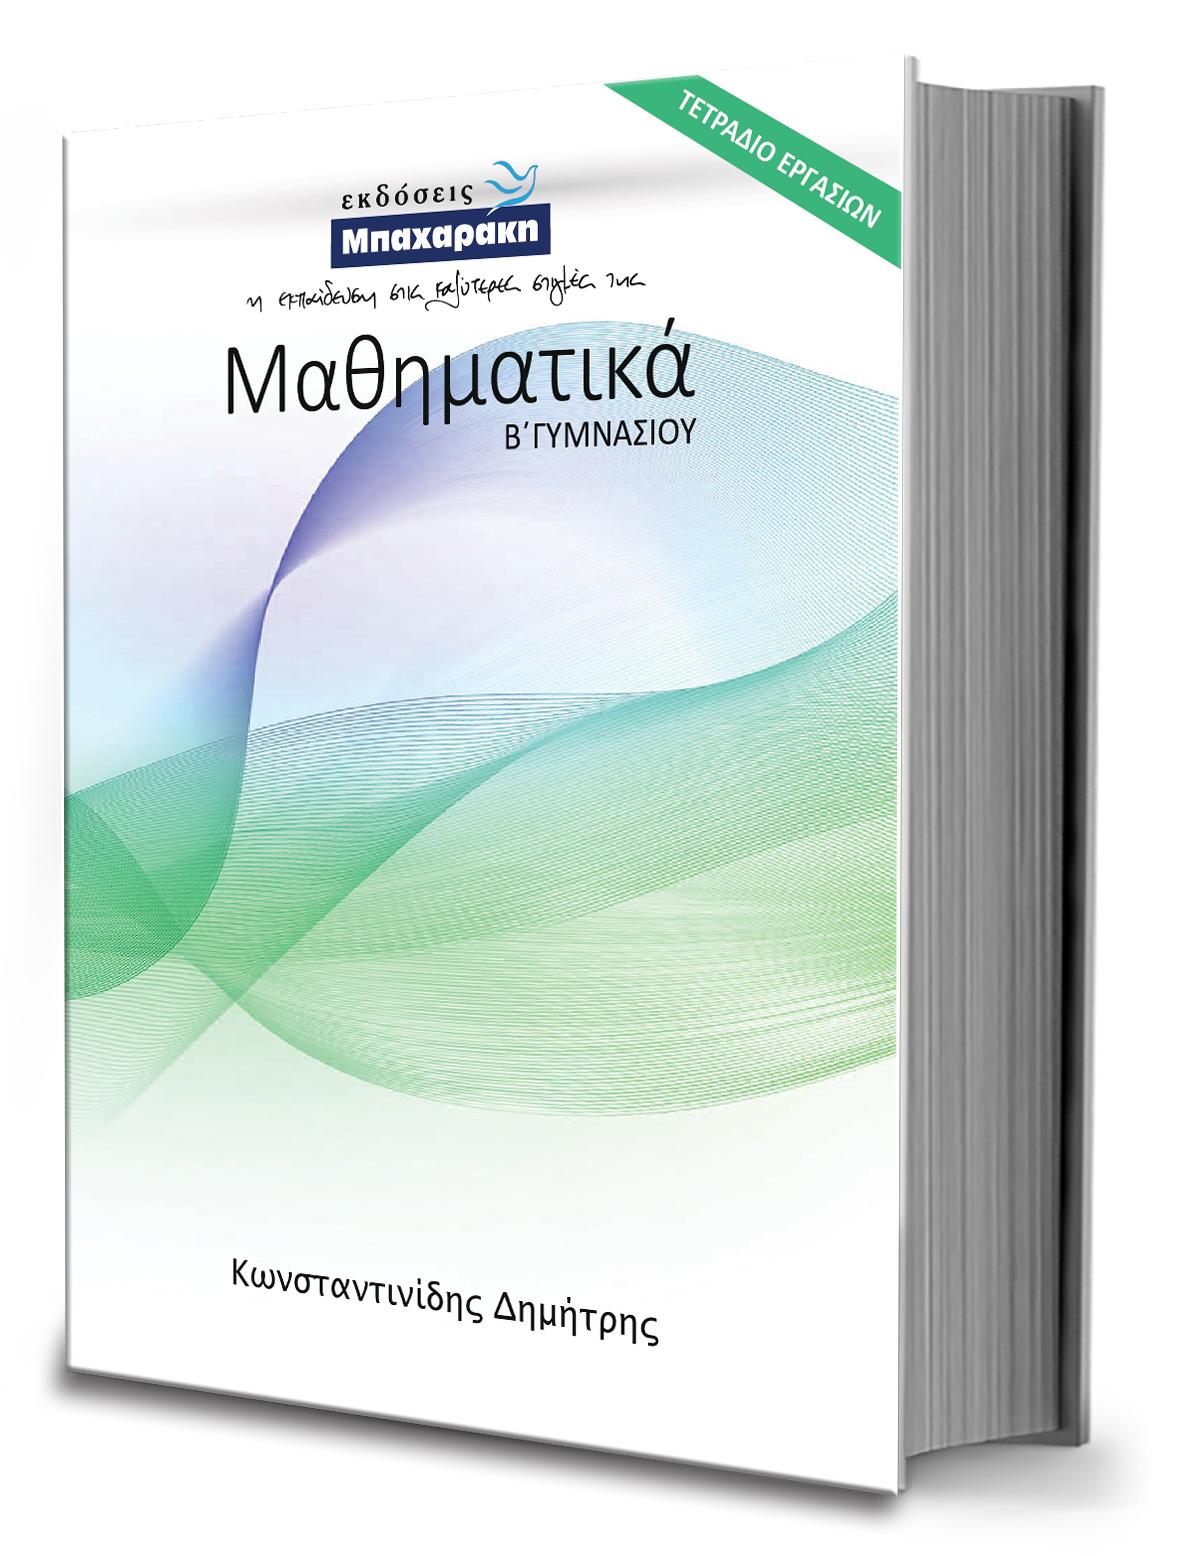 Εκδόσεις Μπαχαράκη: ΜΑΘΗΜΑΤΙΚΑ Β' Γυμνασίου (Τετράδιο Εργασιών)